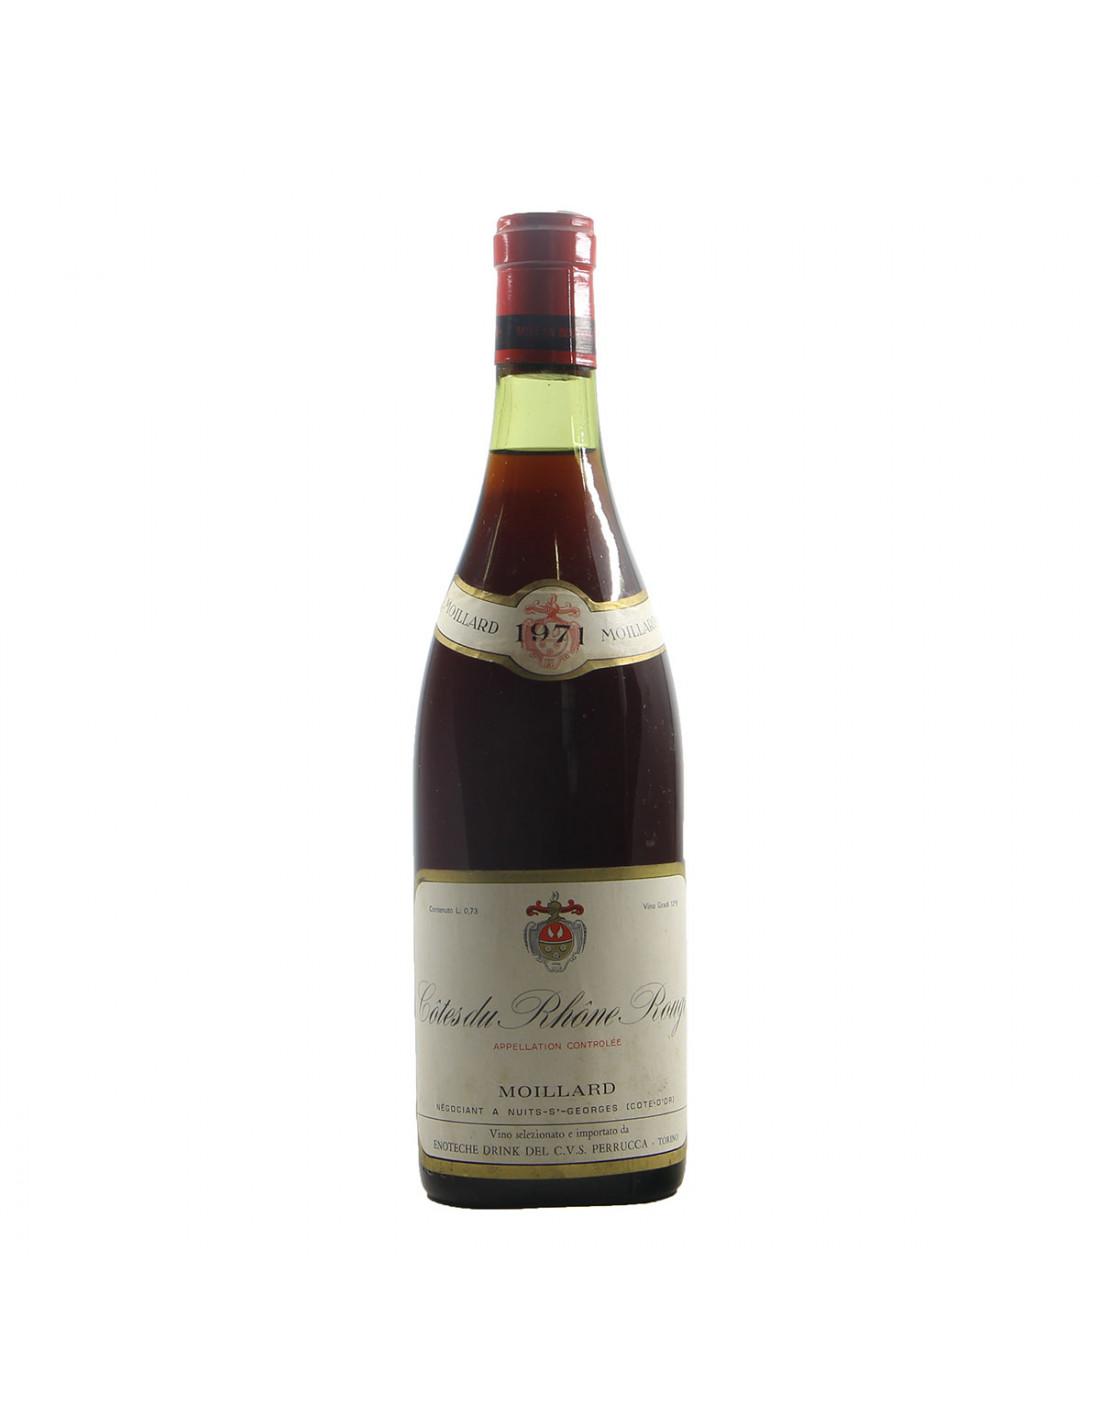 Moillard Cotes du Rhone 1971 Grandi Bottiglie